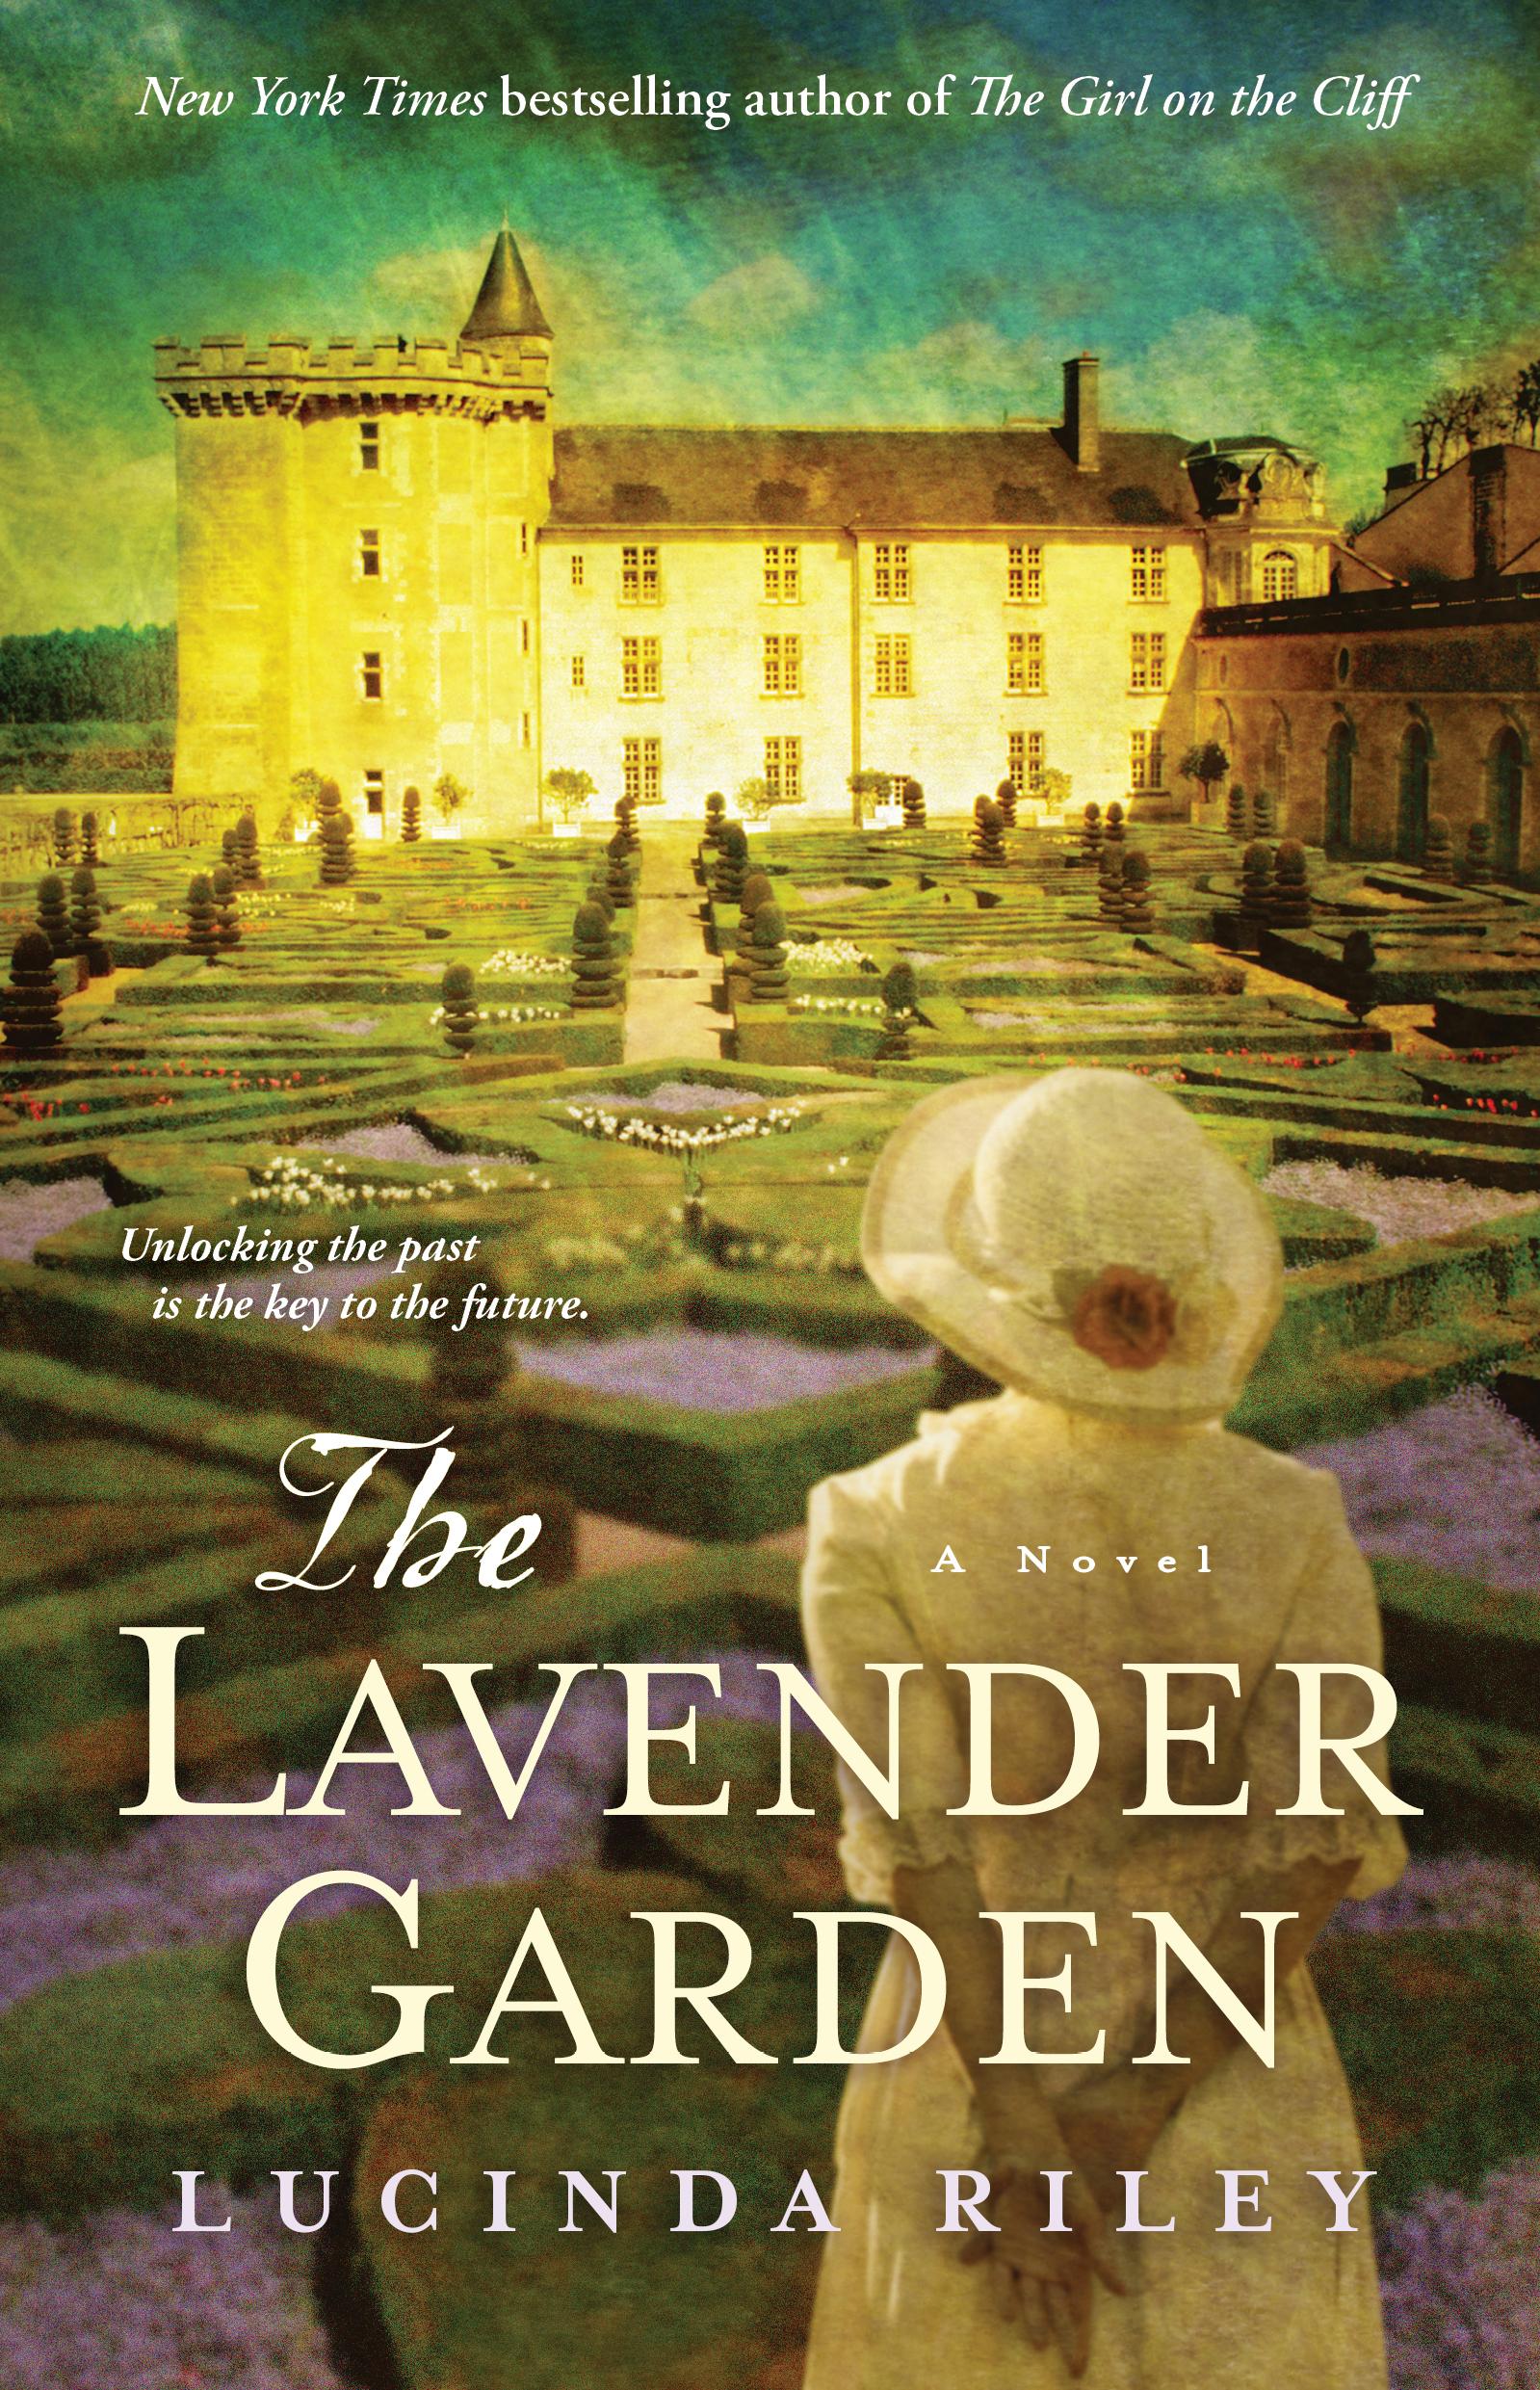 Cvr9781476703558 9781476703558 Hr. The Lavender Garden